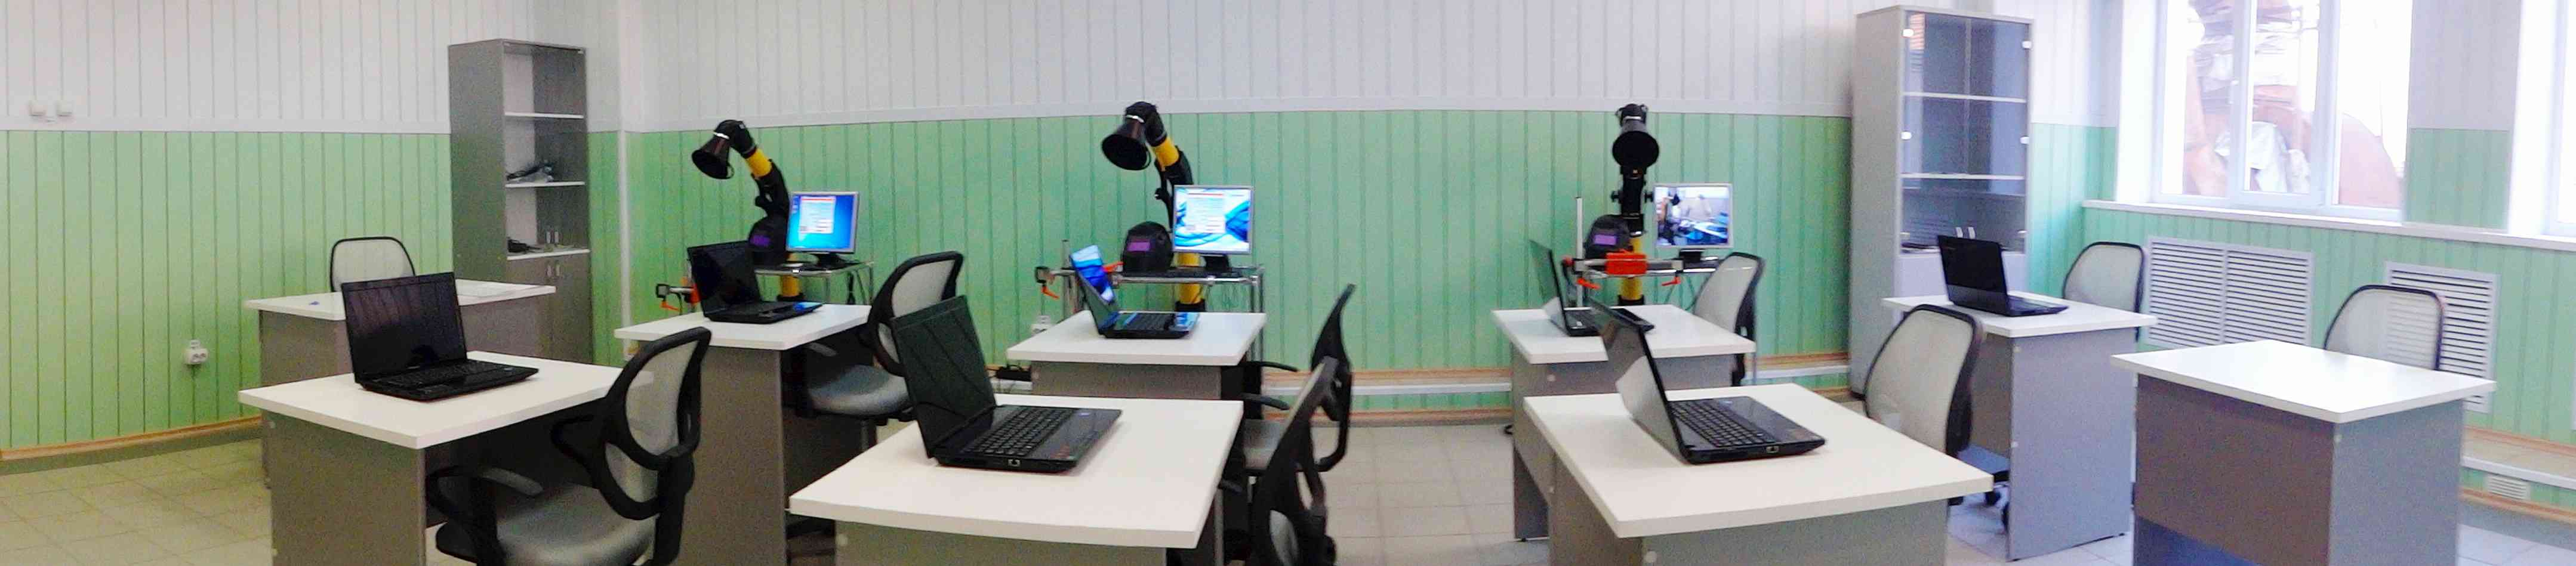 Имитационная сварочная лаборатория